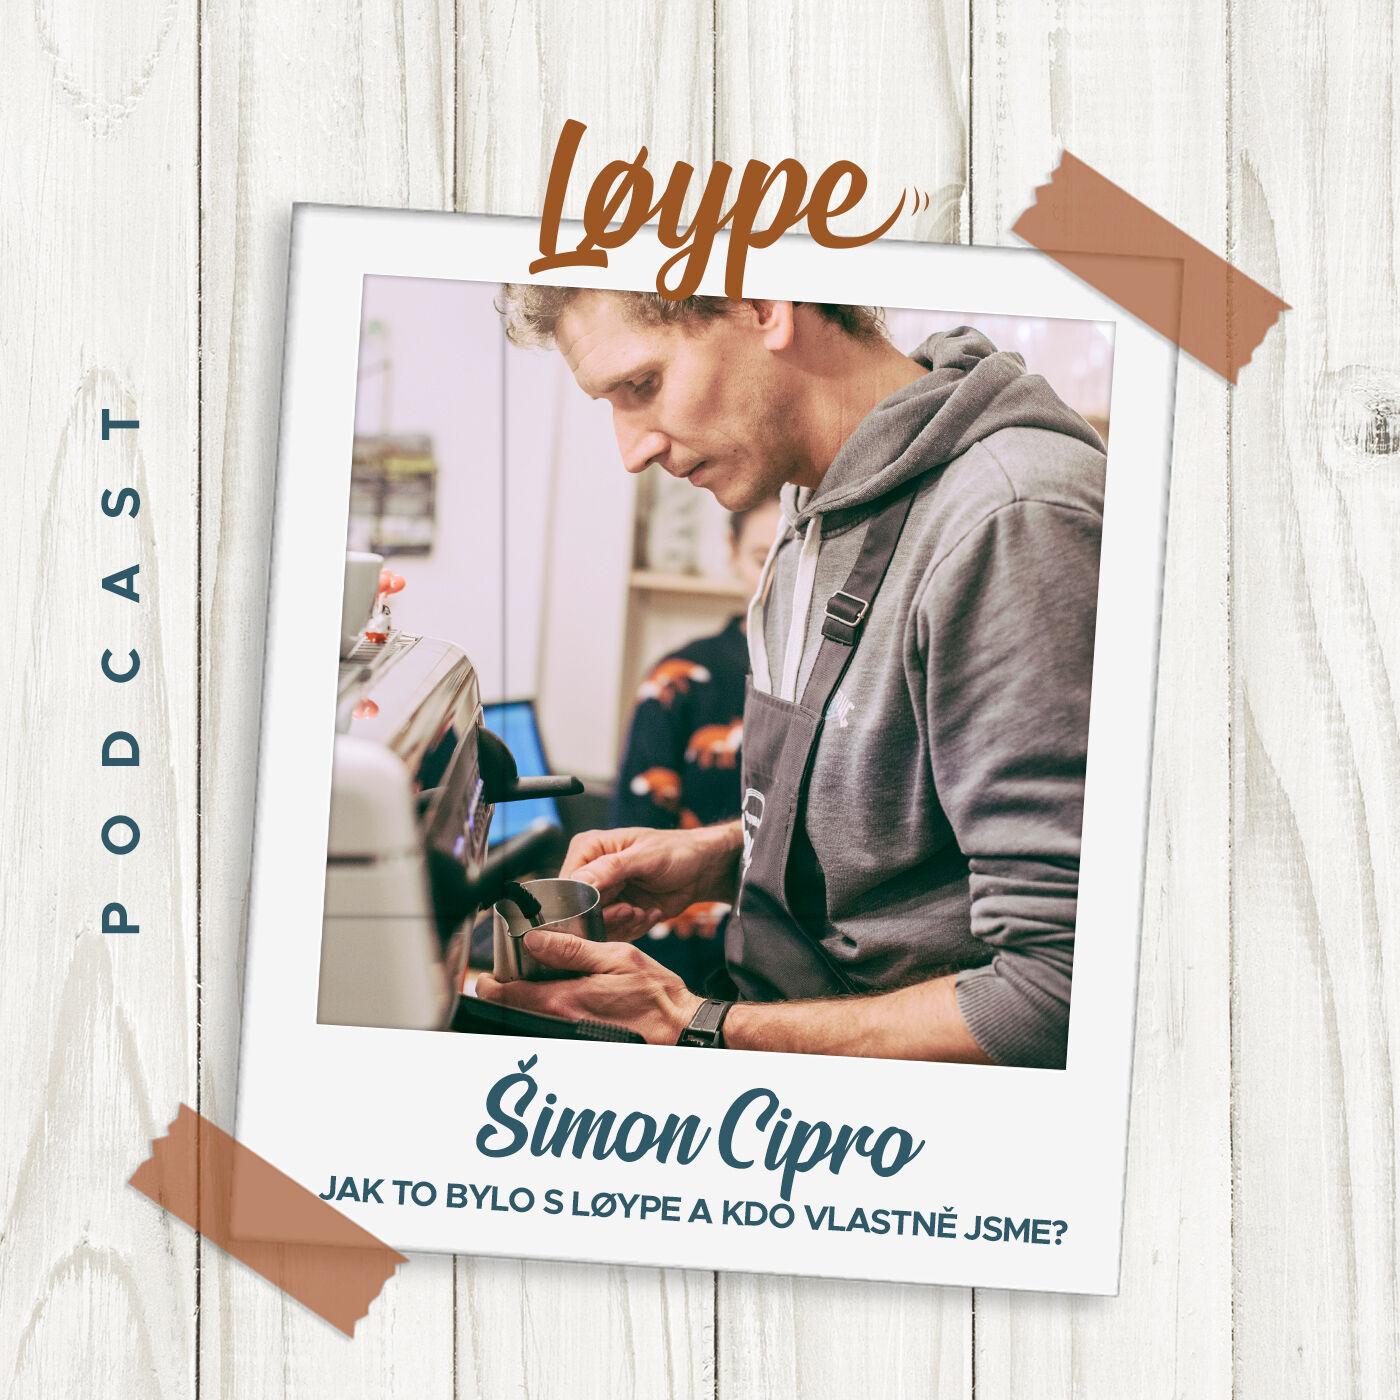 05 | Jak to bylo s Løype a kdo vlastně jsme? | Šimon Cipro, zakladatel Løype